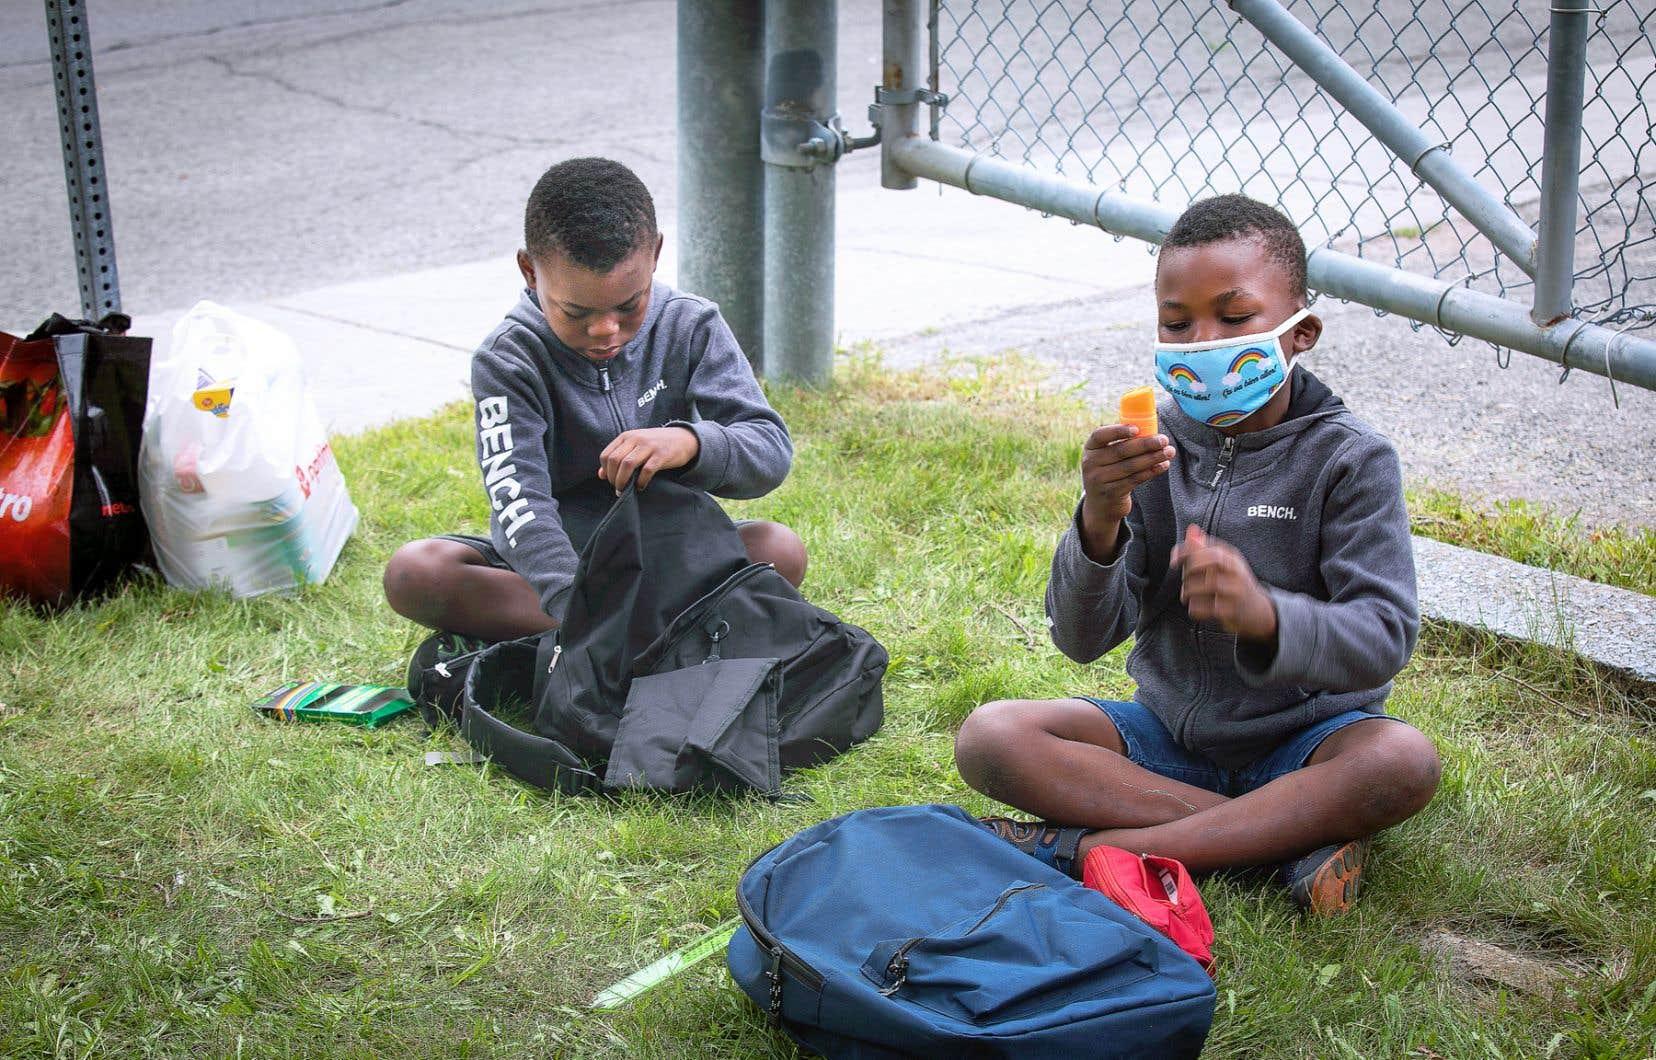 Les jumeaux Divinshy et Vinshy, 7 ans, découvrent avec joie le contenu de leur sac d'école qui leur a été offert.